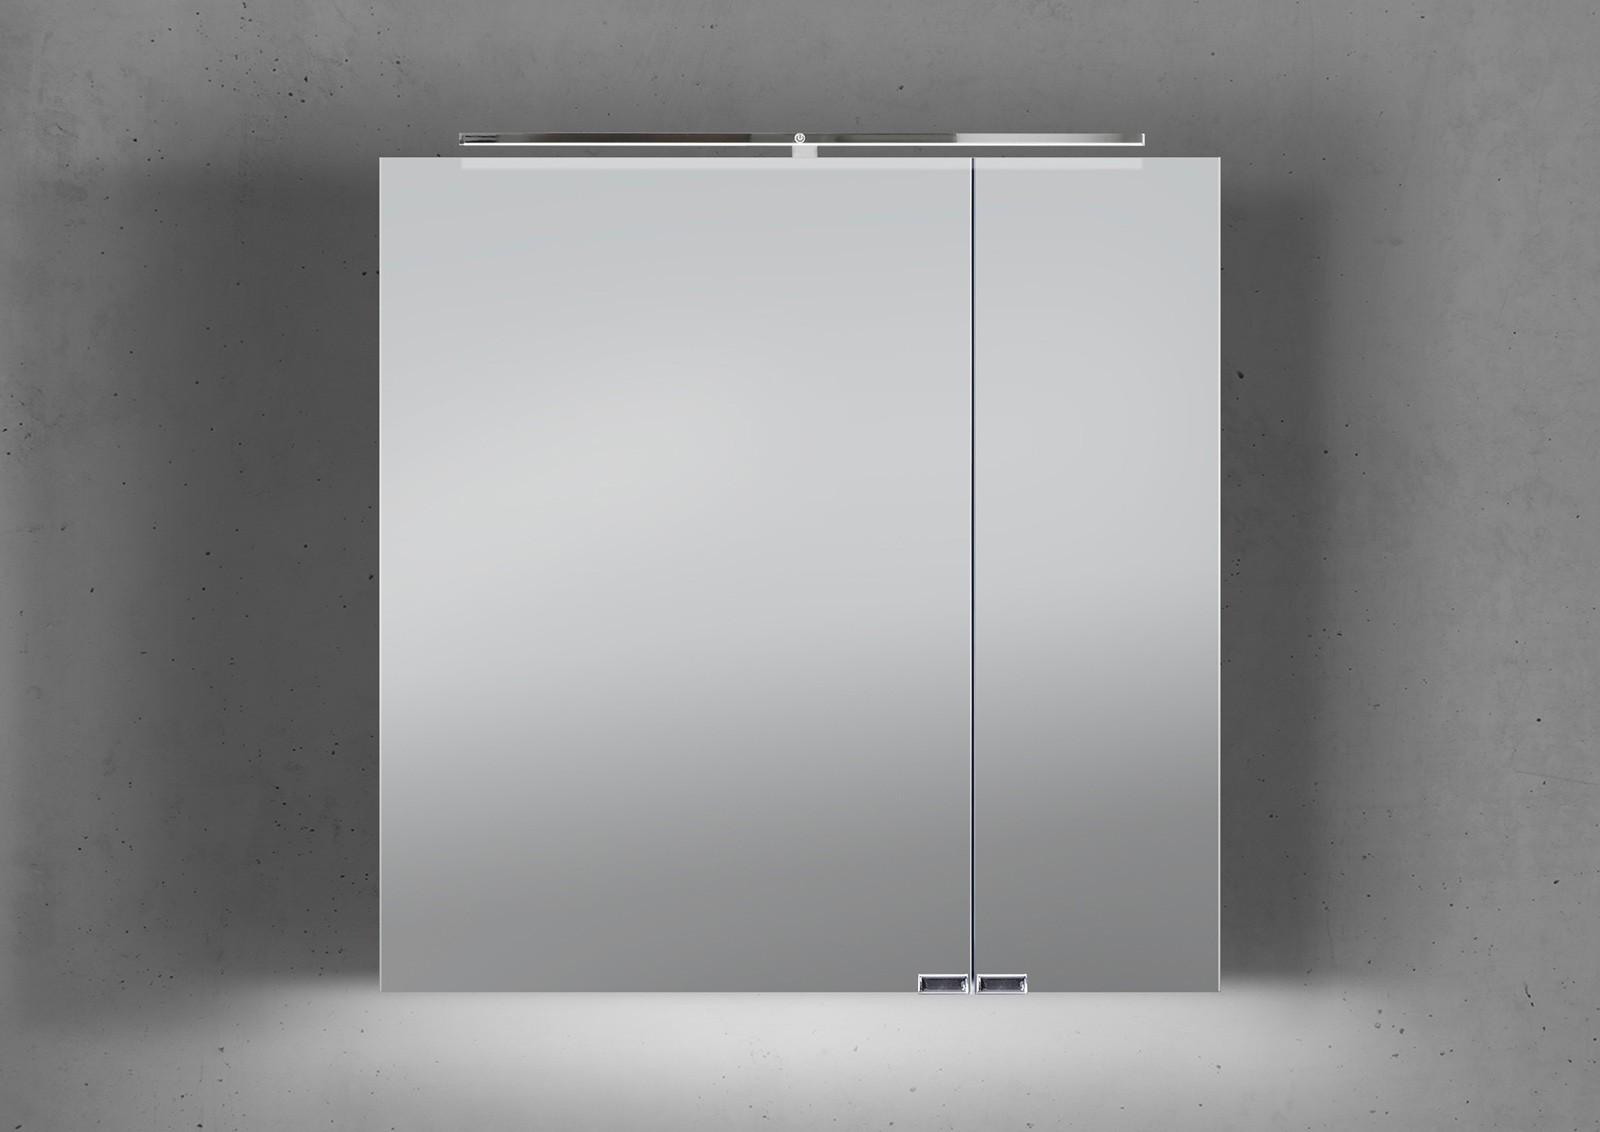 Spiegelschrank 70 cm online kaufen  designbaedercom  designbaedercom